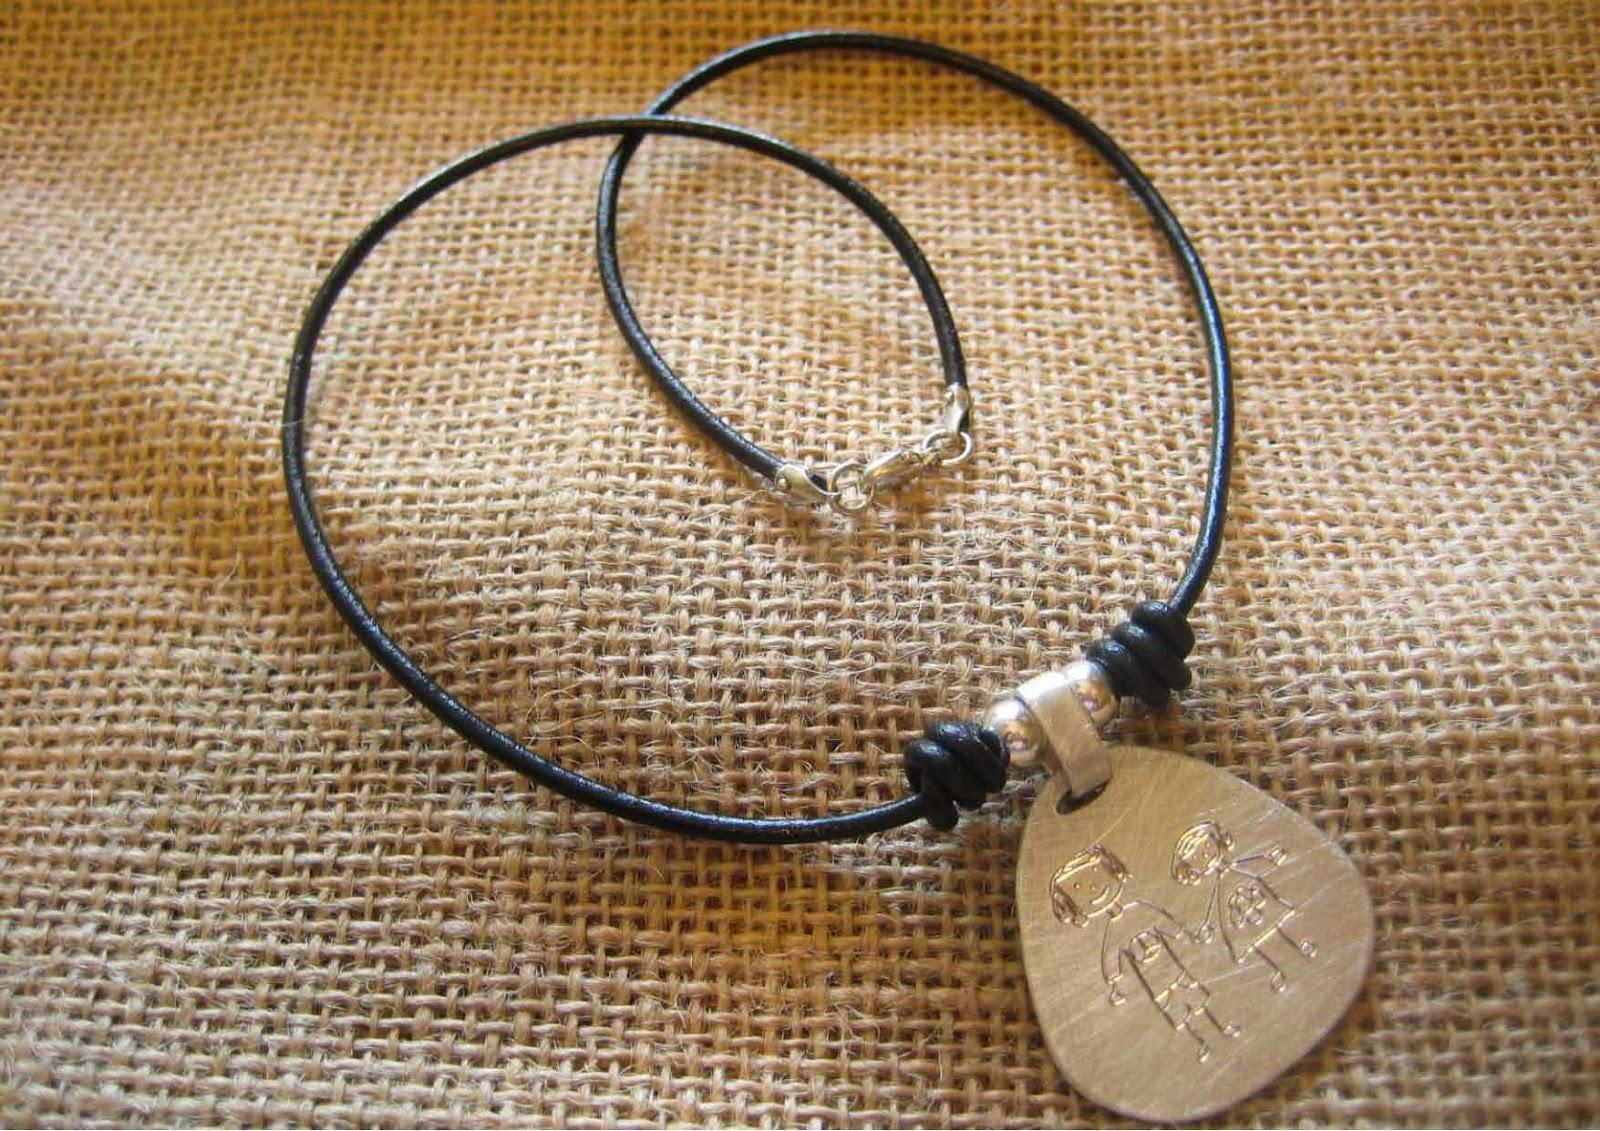 Collar cuero plata chapa personalizada joyería artesanal